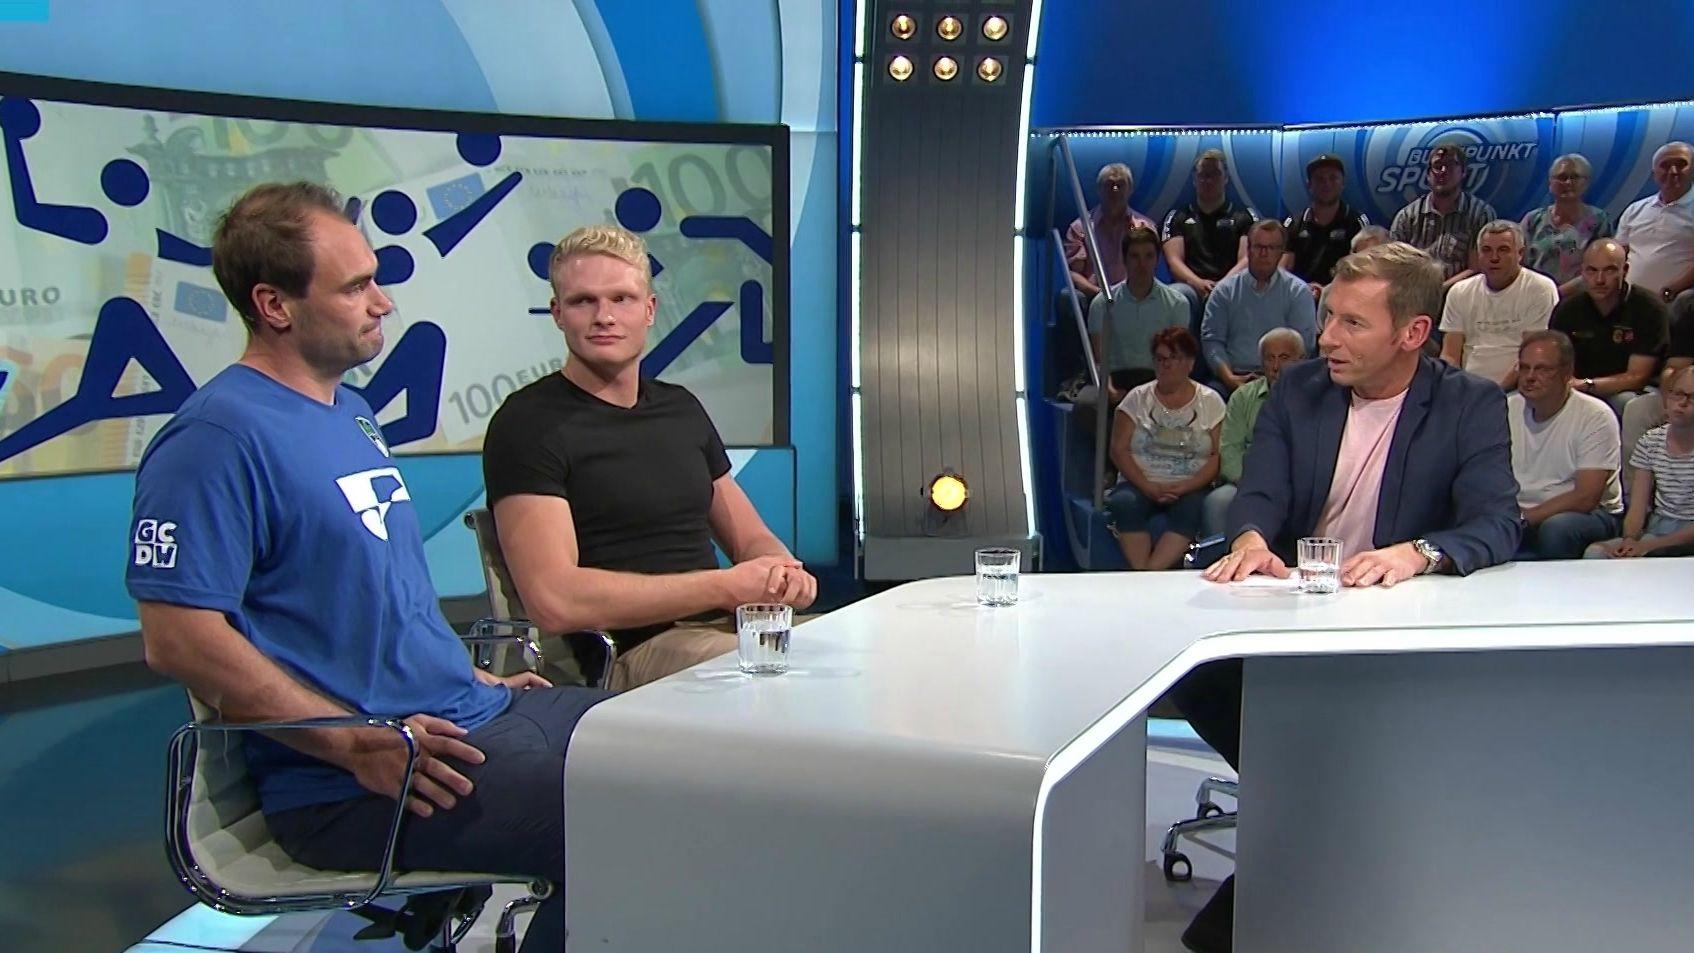 Ruderweltmeister Oliver Zeidler und Volleyball-Bundesligatrainer Max Hauser